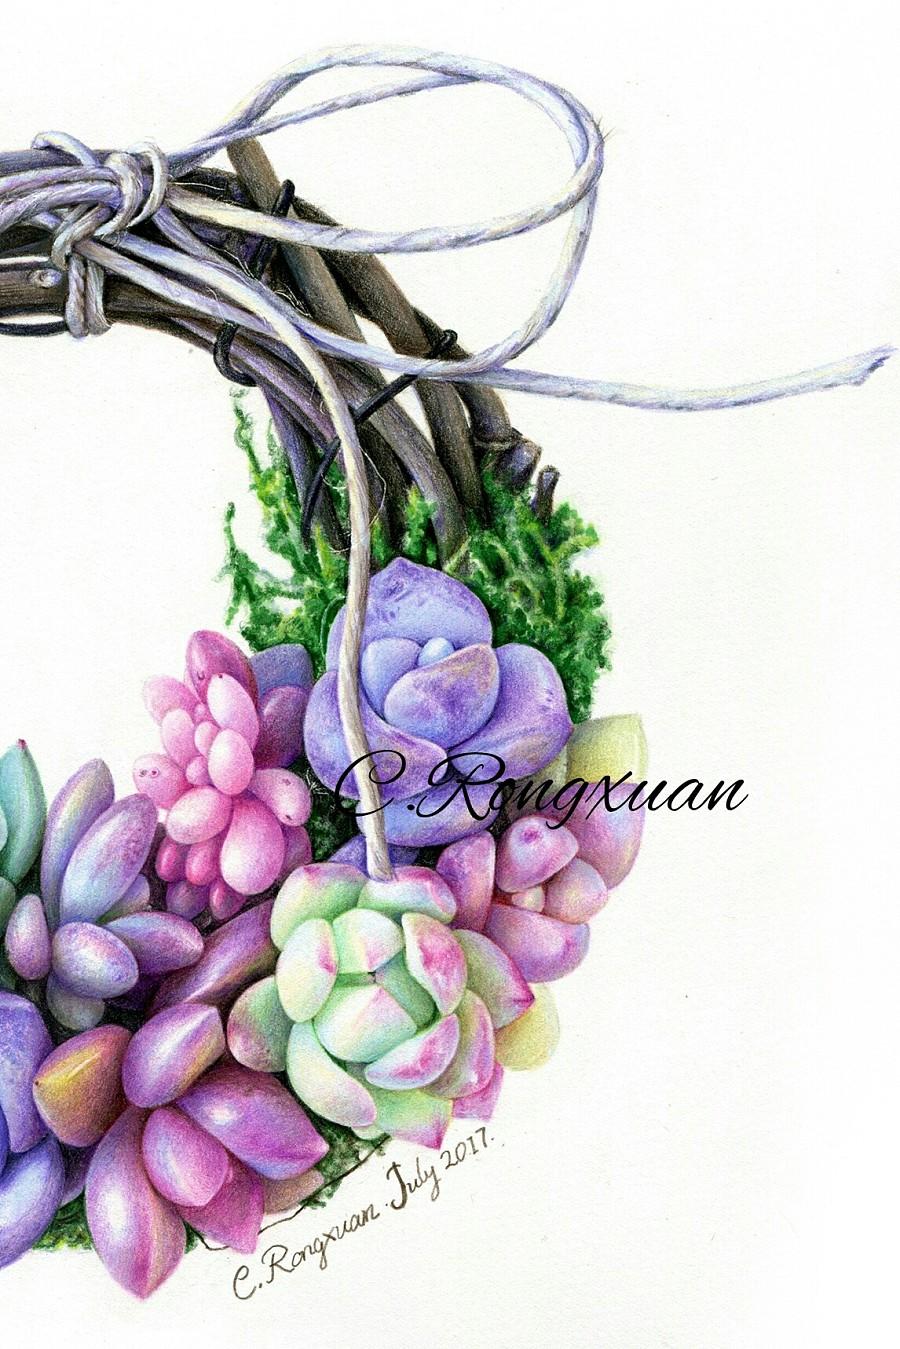 【溶萱彩铅手绘】多肉花环